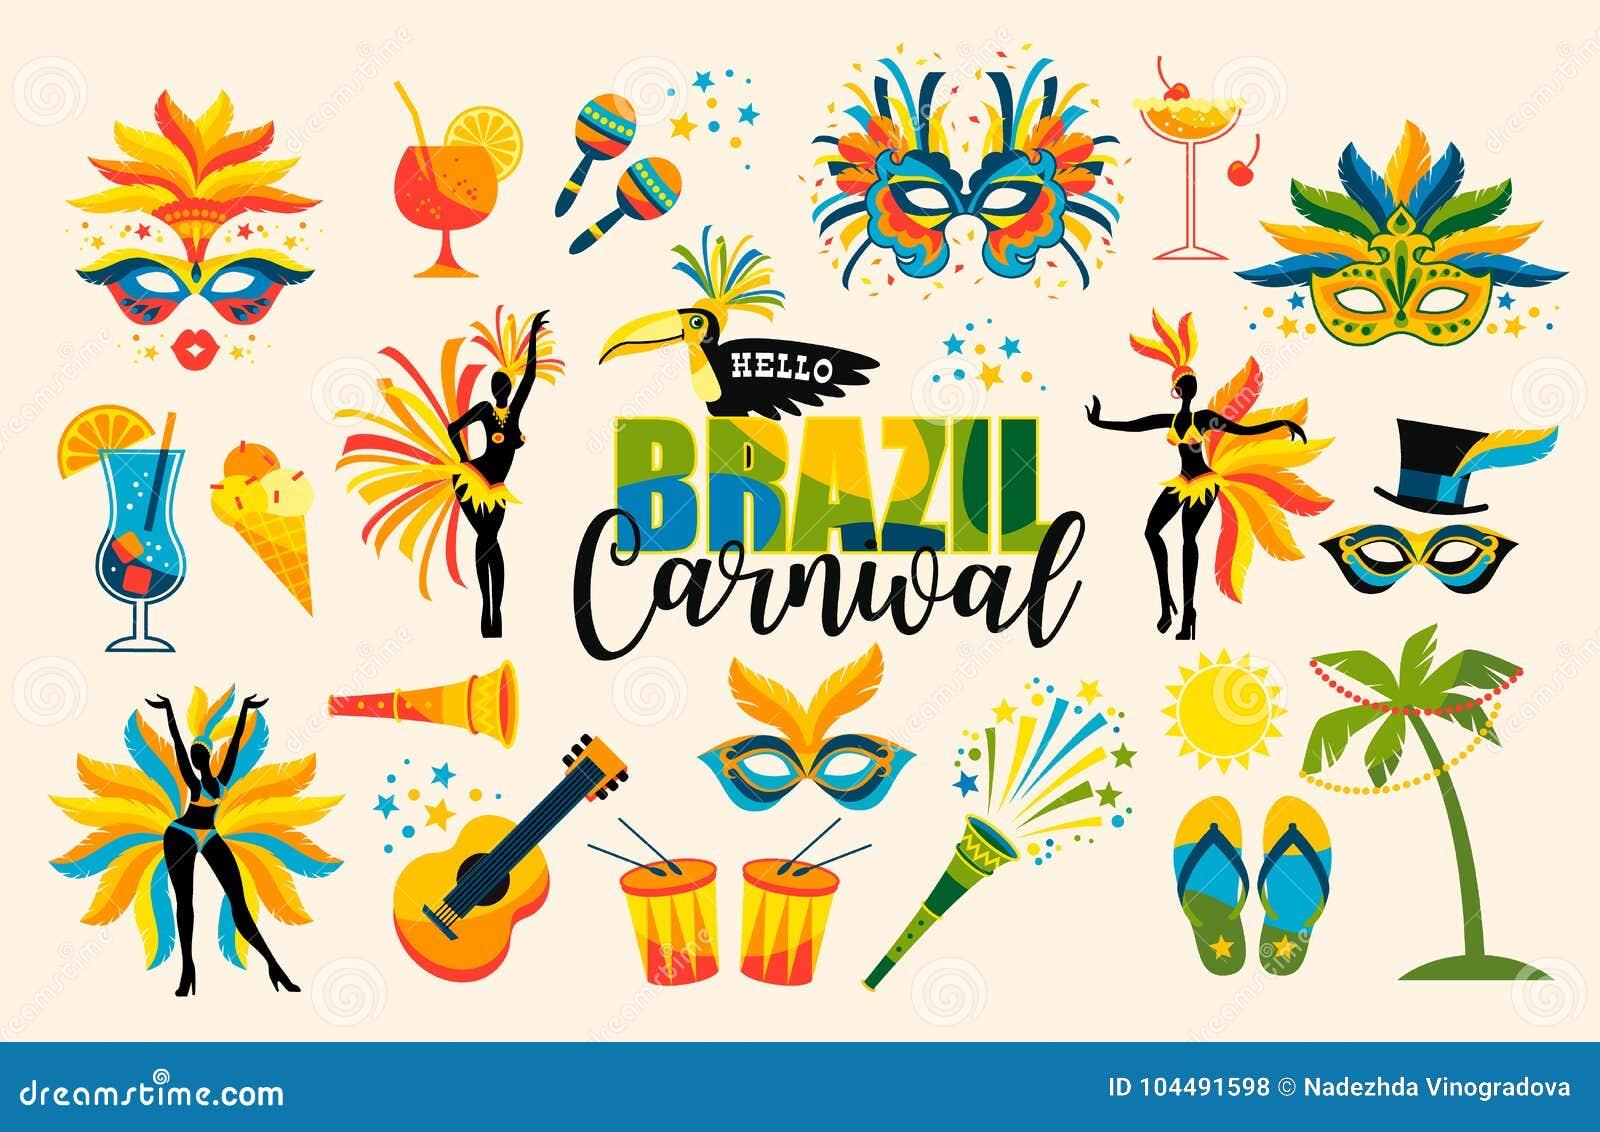 Braziliaans Carnaval Reeks pictogrammen Vector